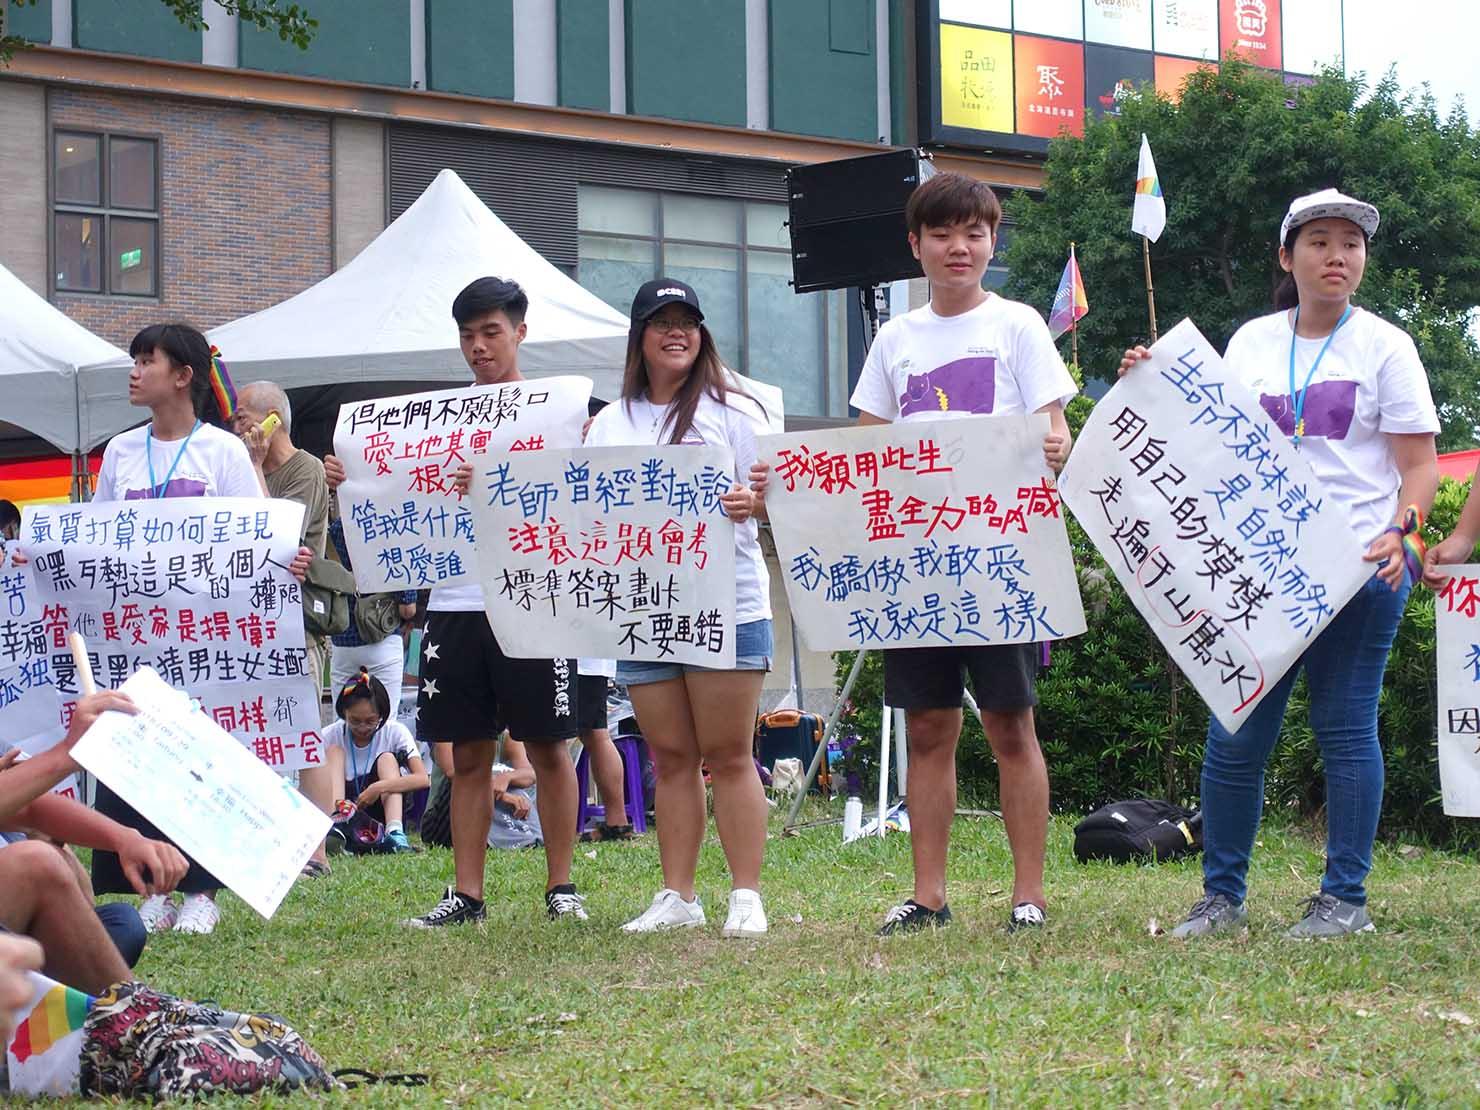 花東彩虹嘉年華(台湾東部LGBTプライド / 台東場)で歌詞カードを掲げるパレードスタッフ